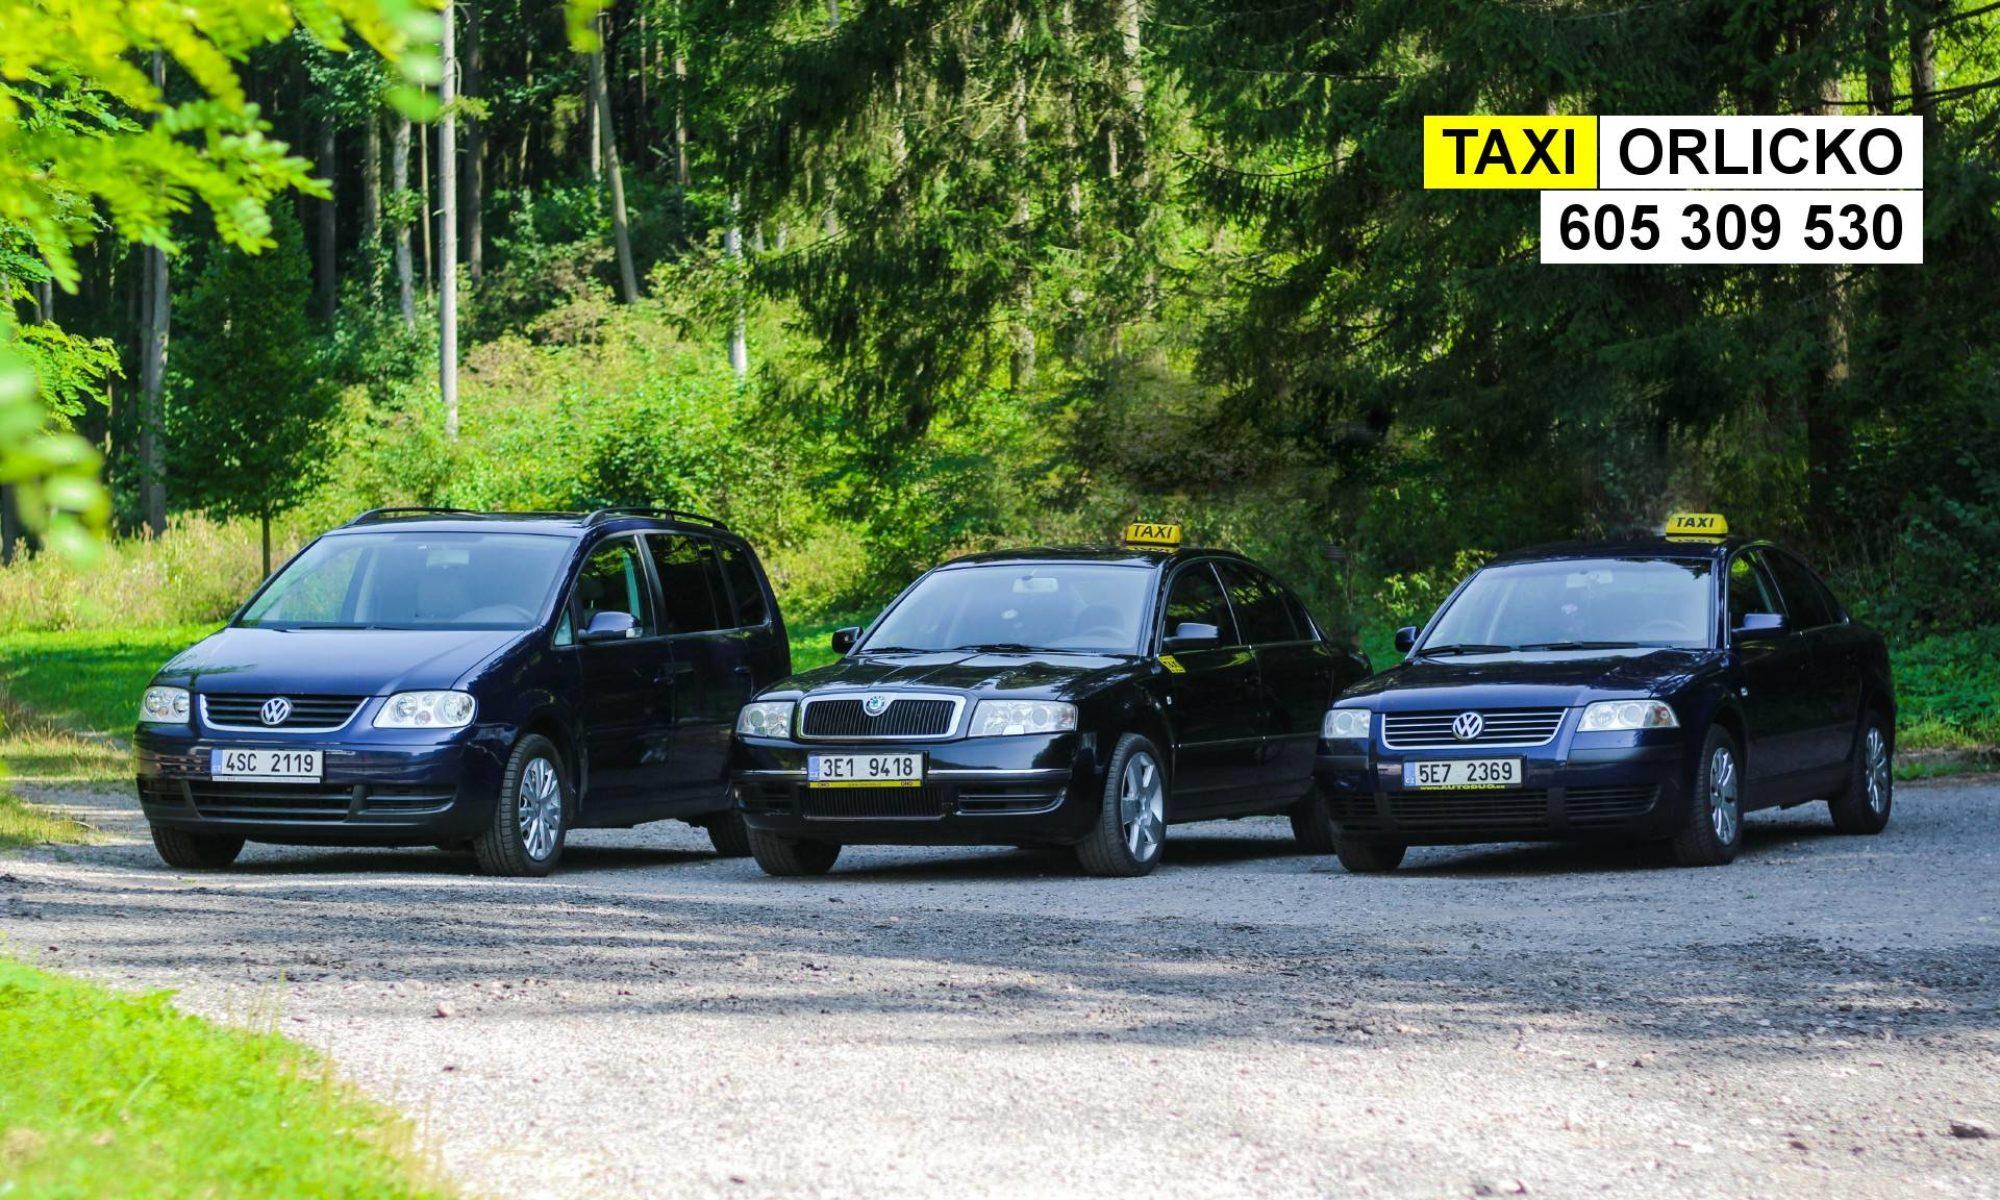 Taxi Orlicko